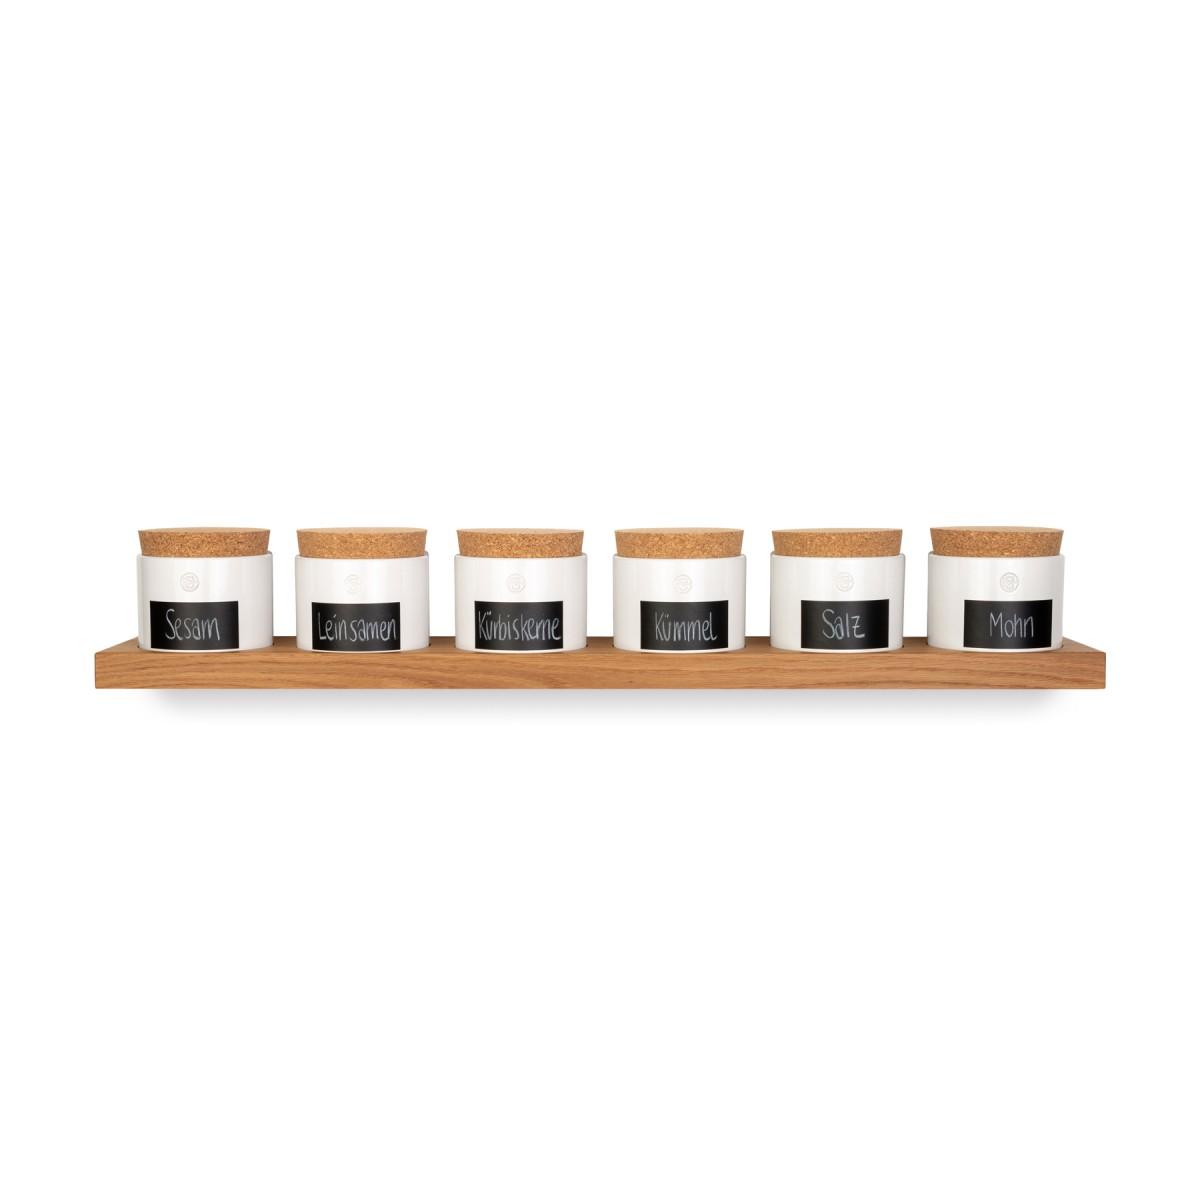 klotzaufklotz Vorratsdosenregal Eiche 6er mit kleinen Dosen